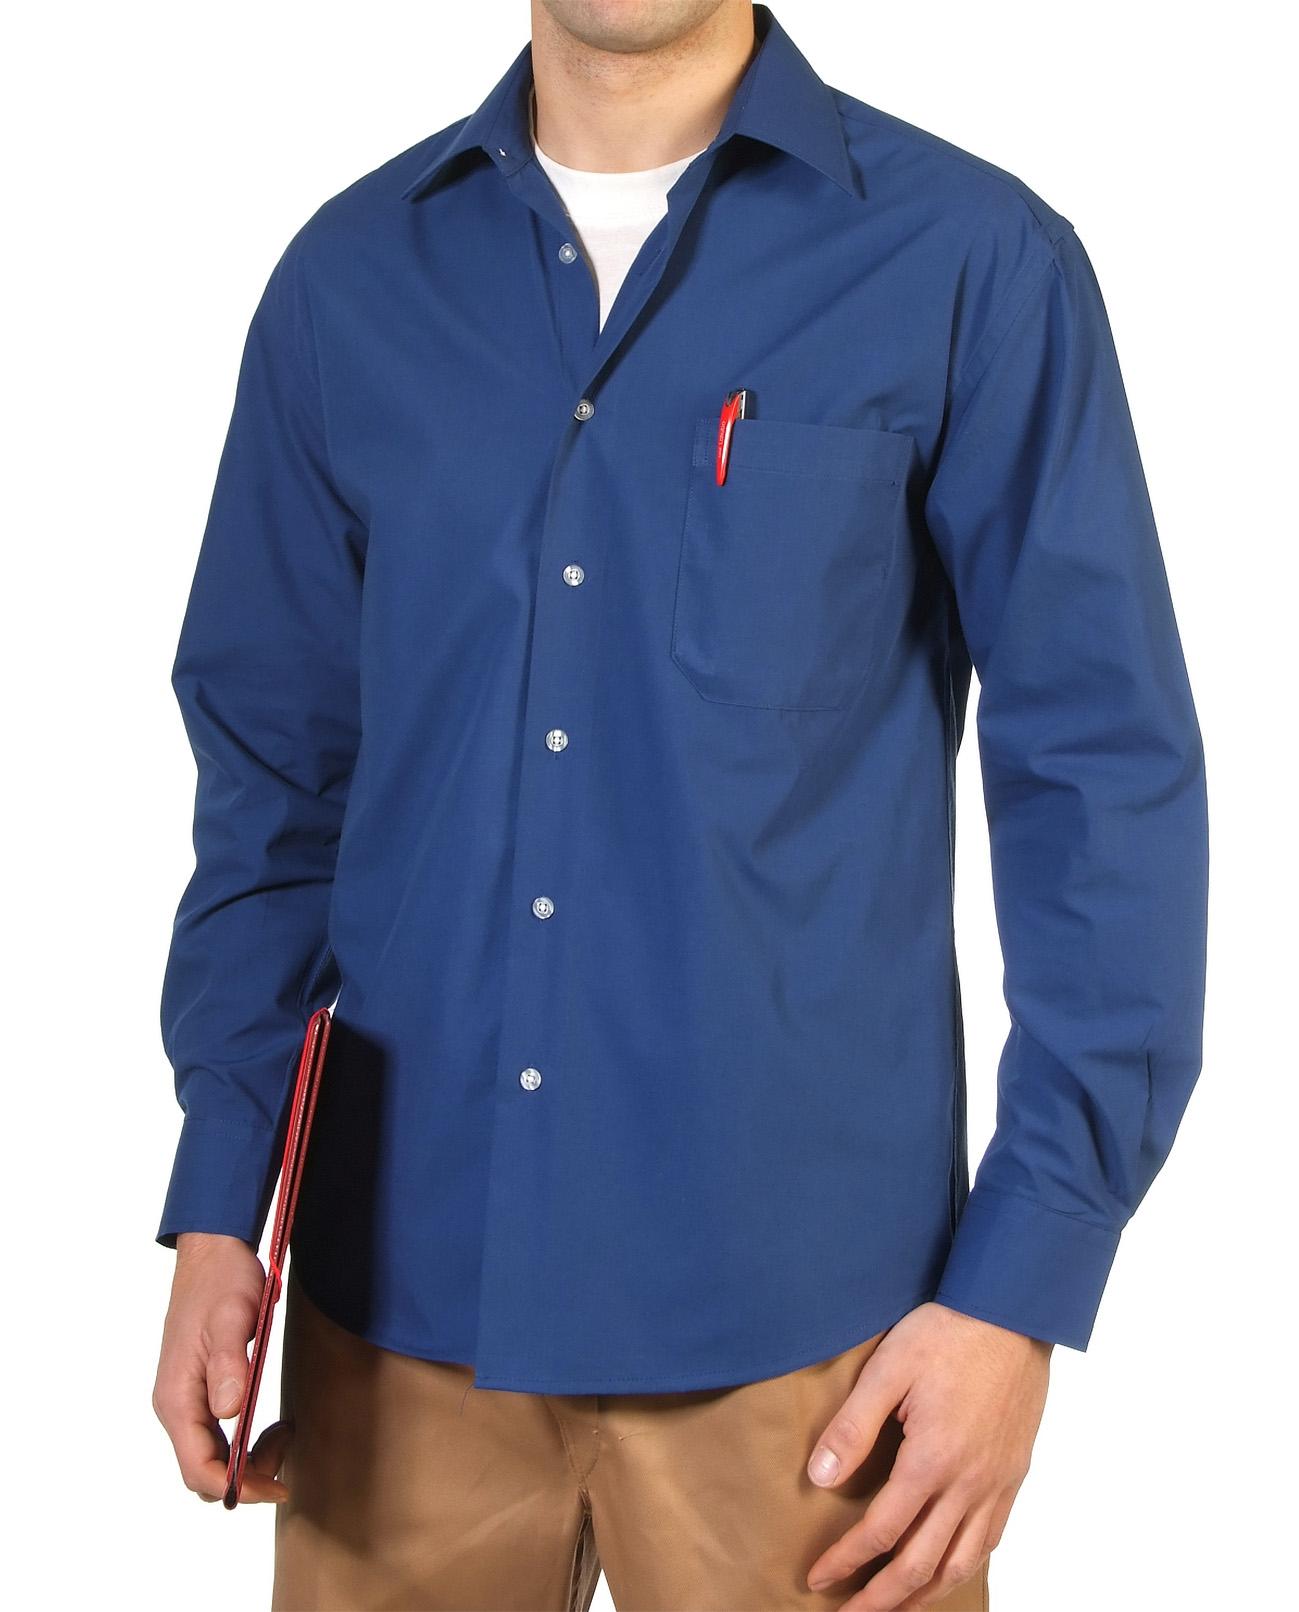 Shirt TKA light long sleeve Image